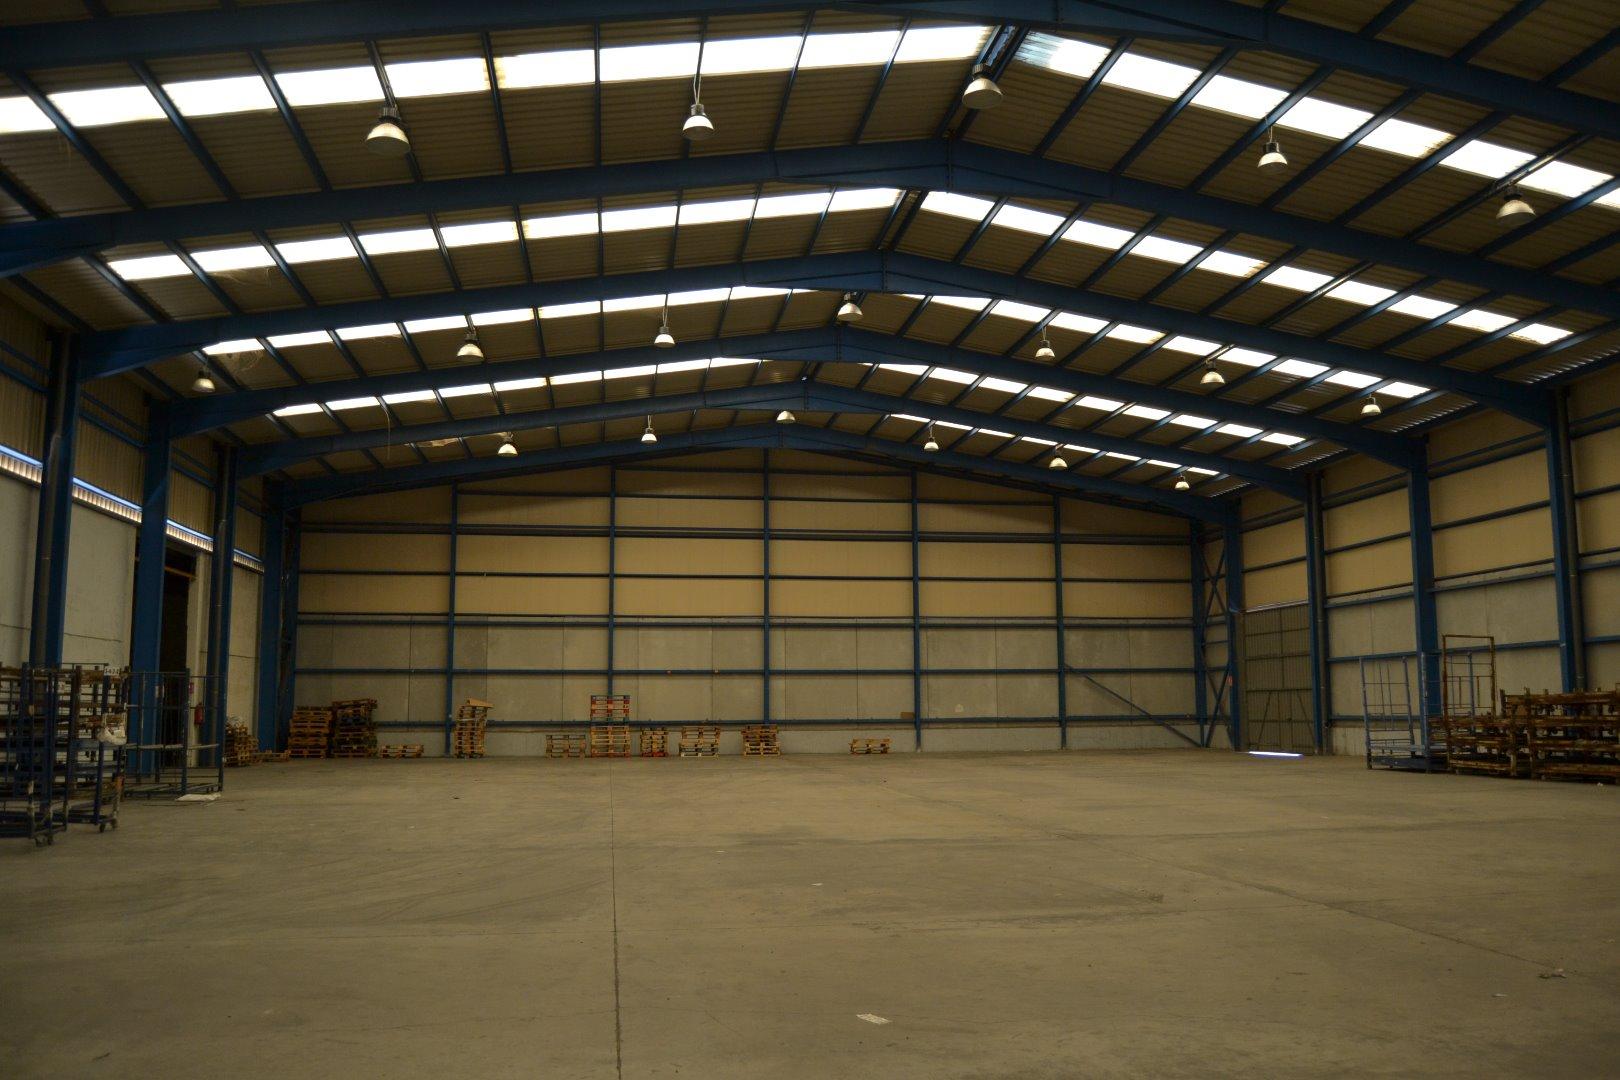 Miete Fabrikhalle  Poligono industrial virgen de la salud-Xirivella. Venta y alquiler de nave industrial en pol. virgen de la salud d